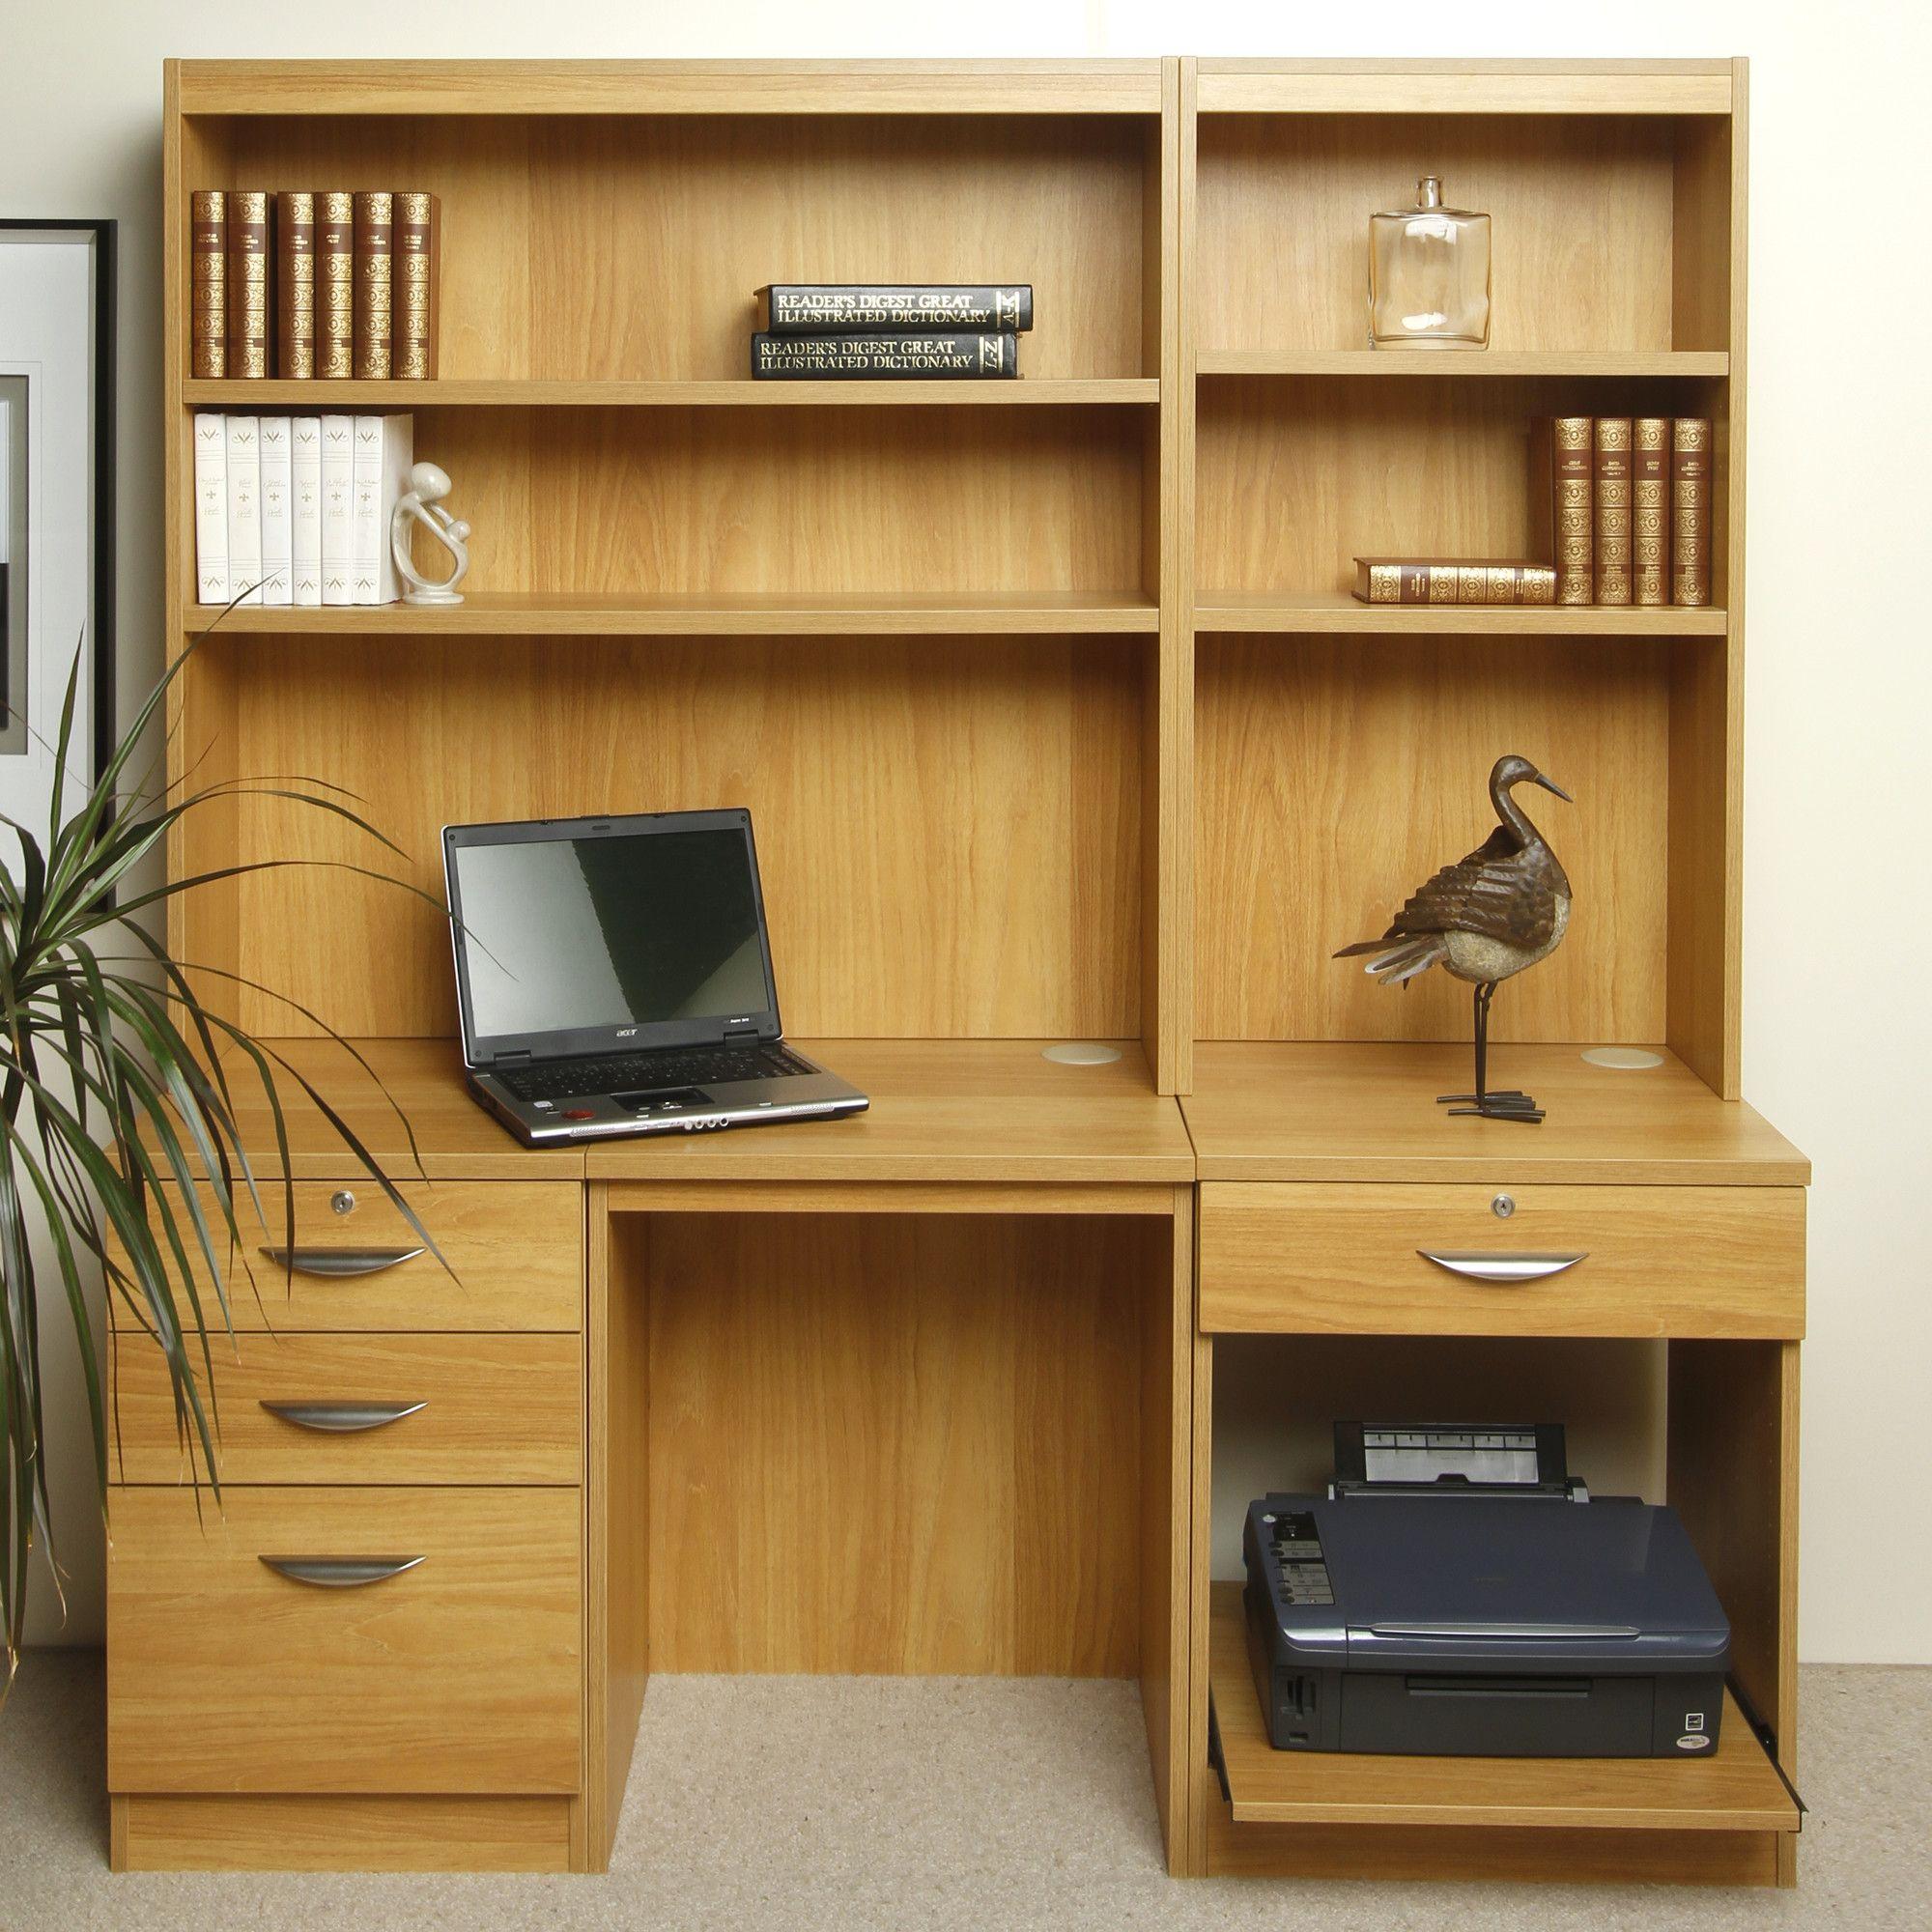 Enduro Home Office Desk / Workstation with Pedestal, Printer Storage and Inbuilt Bookshelves - Teak at Tescos Direct